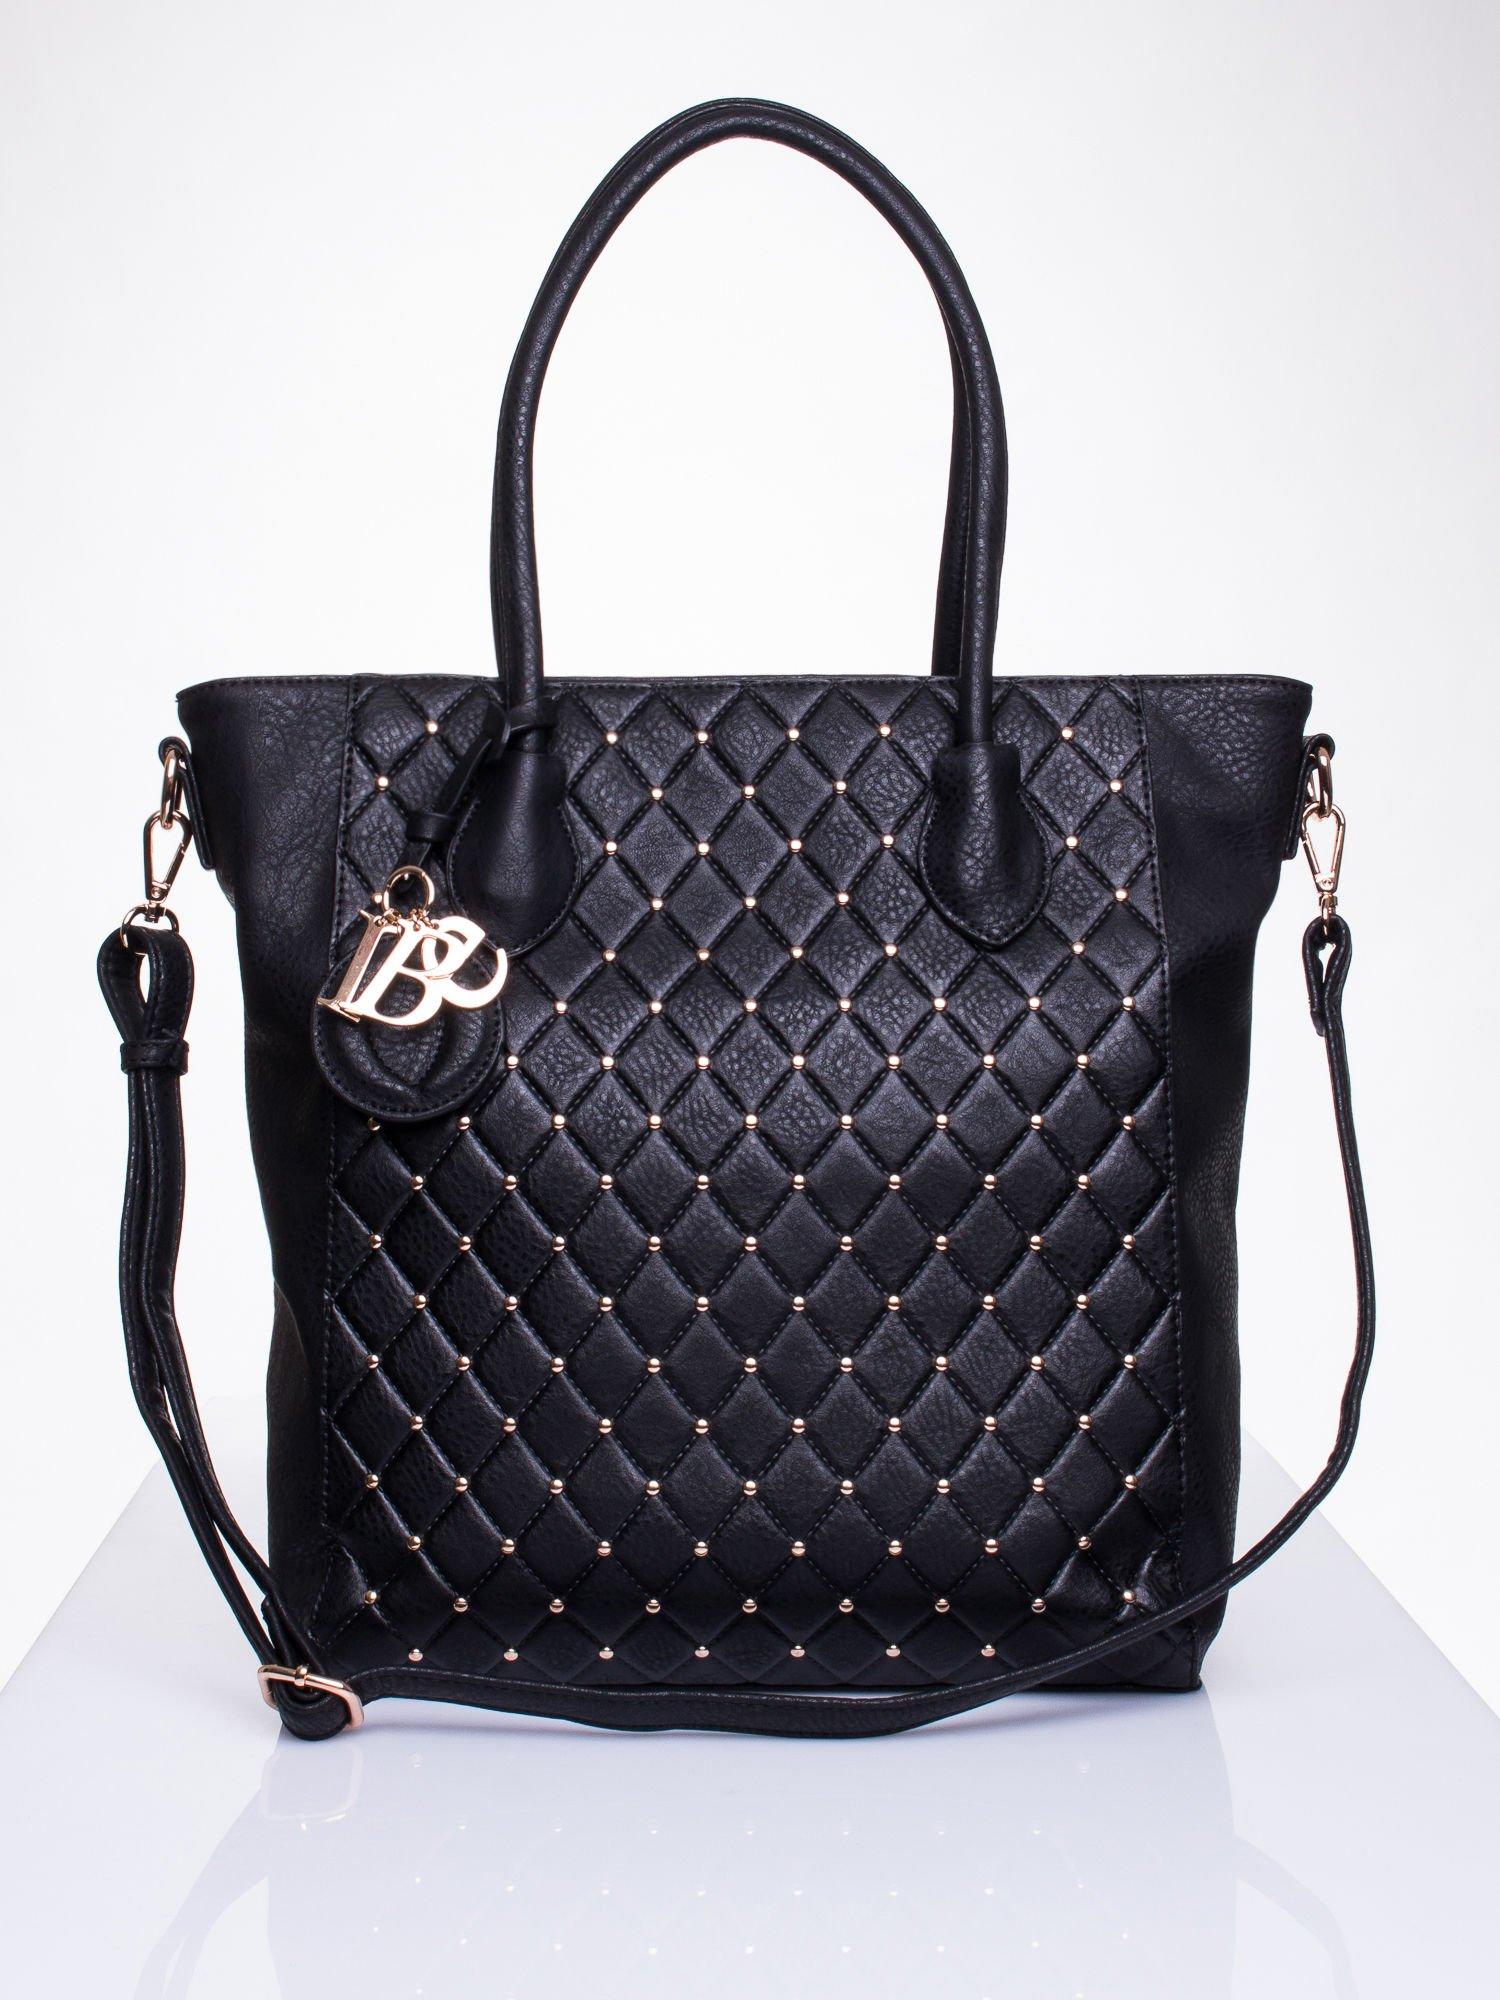 Czarna torebka z pikowaniem i dżetami                                  zdj.                                  1